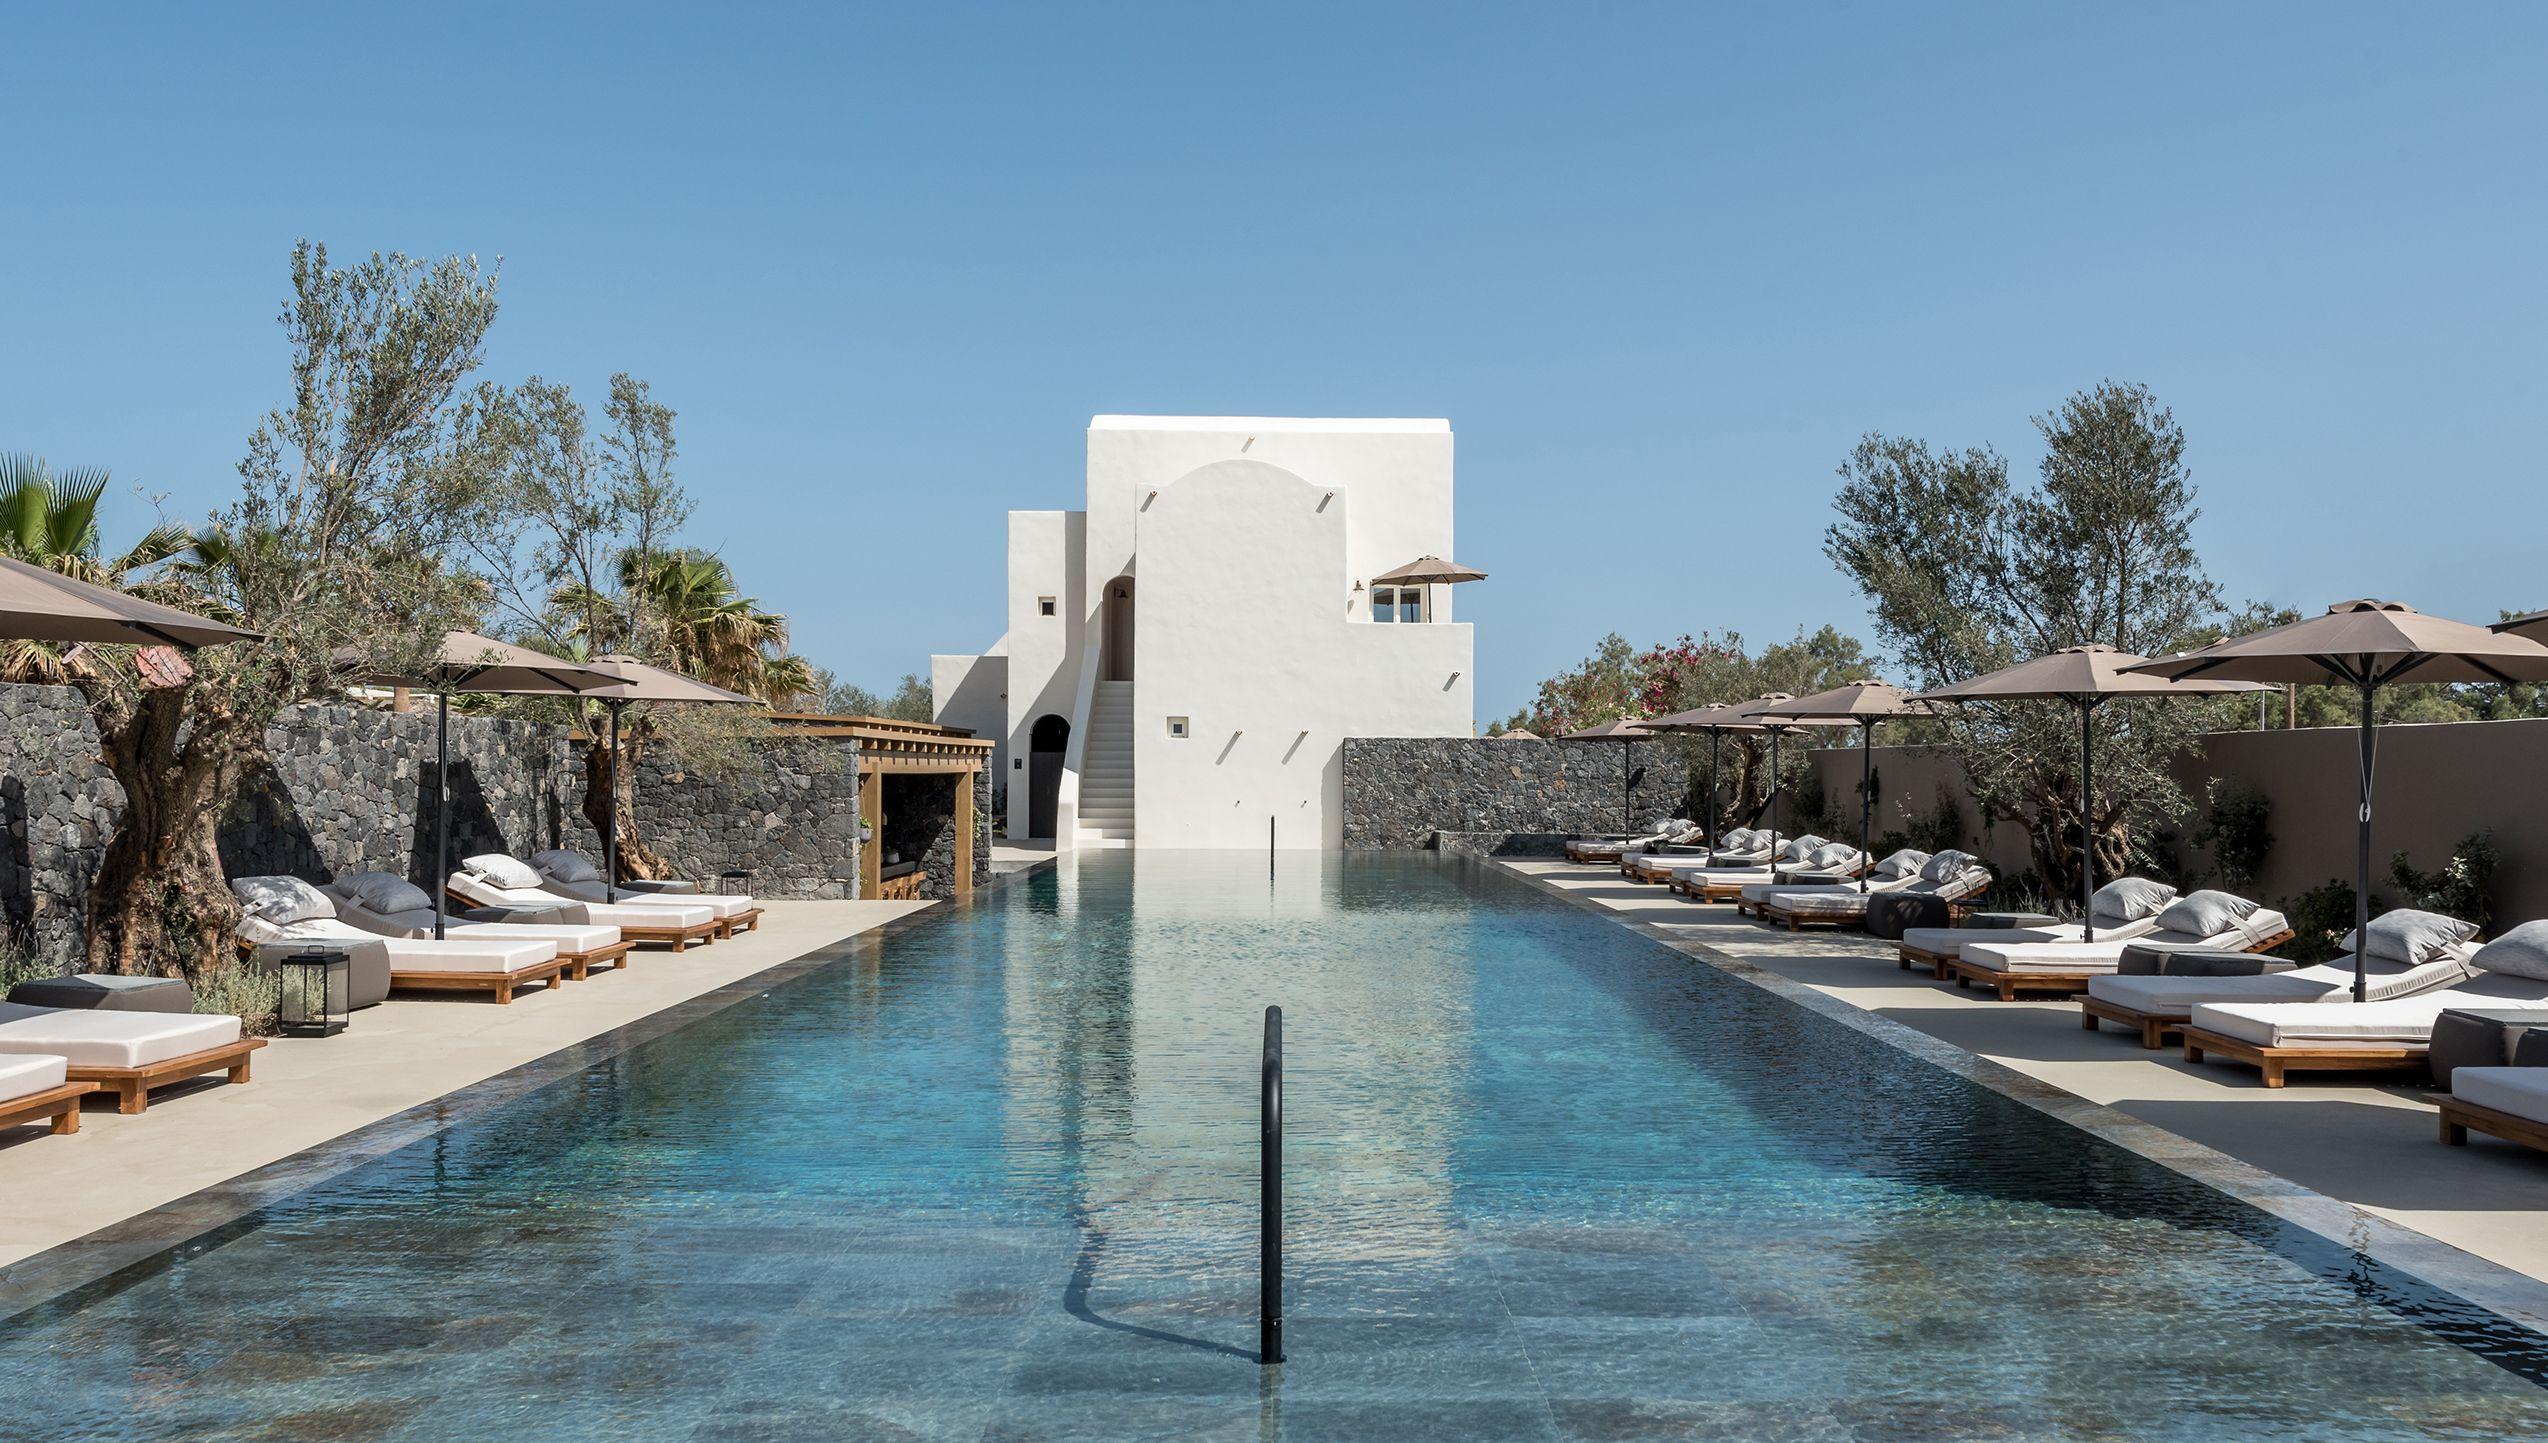 Istoria Boutique Hotel, progettato da Interior Design Laboratorium, si trova a Santorini sulla spiaggia di Perivolos.